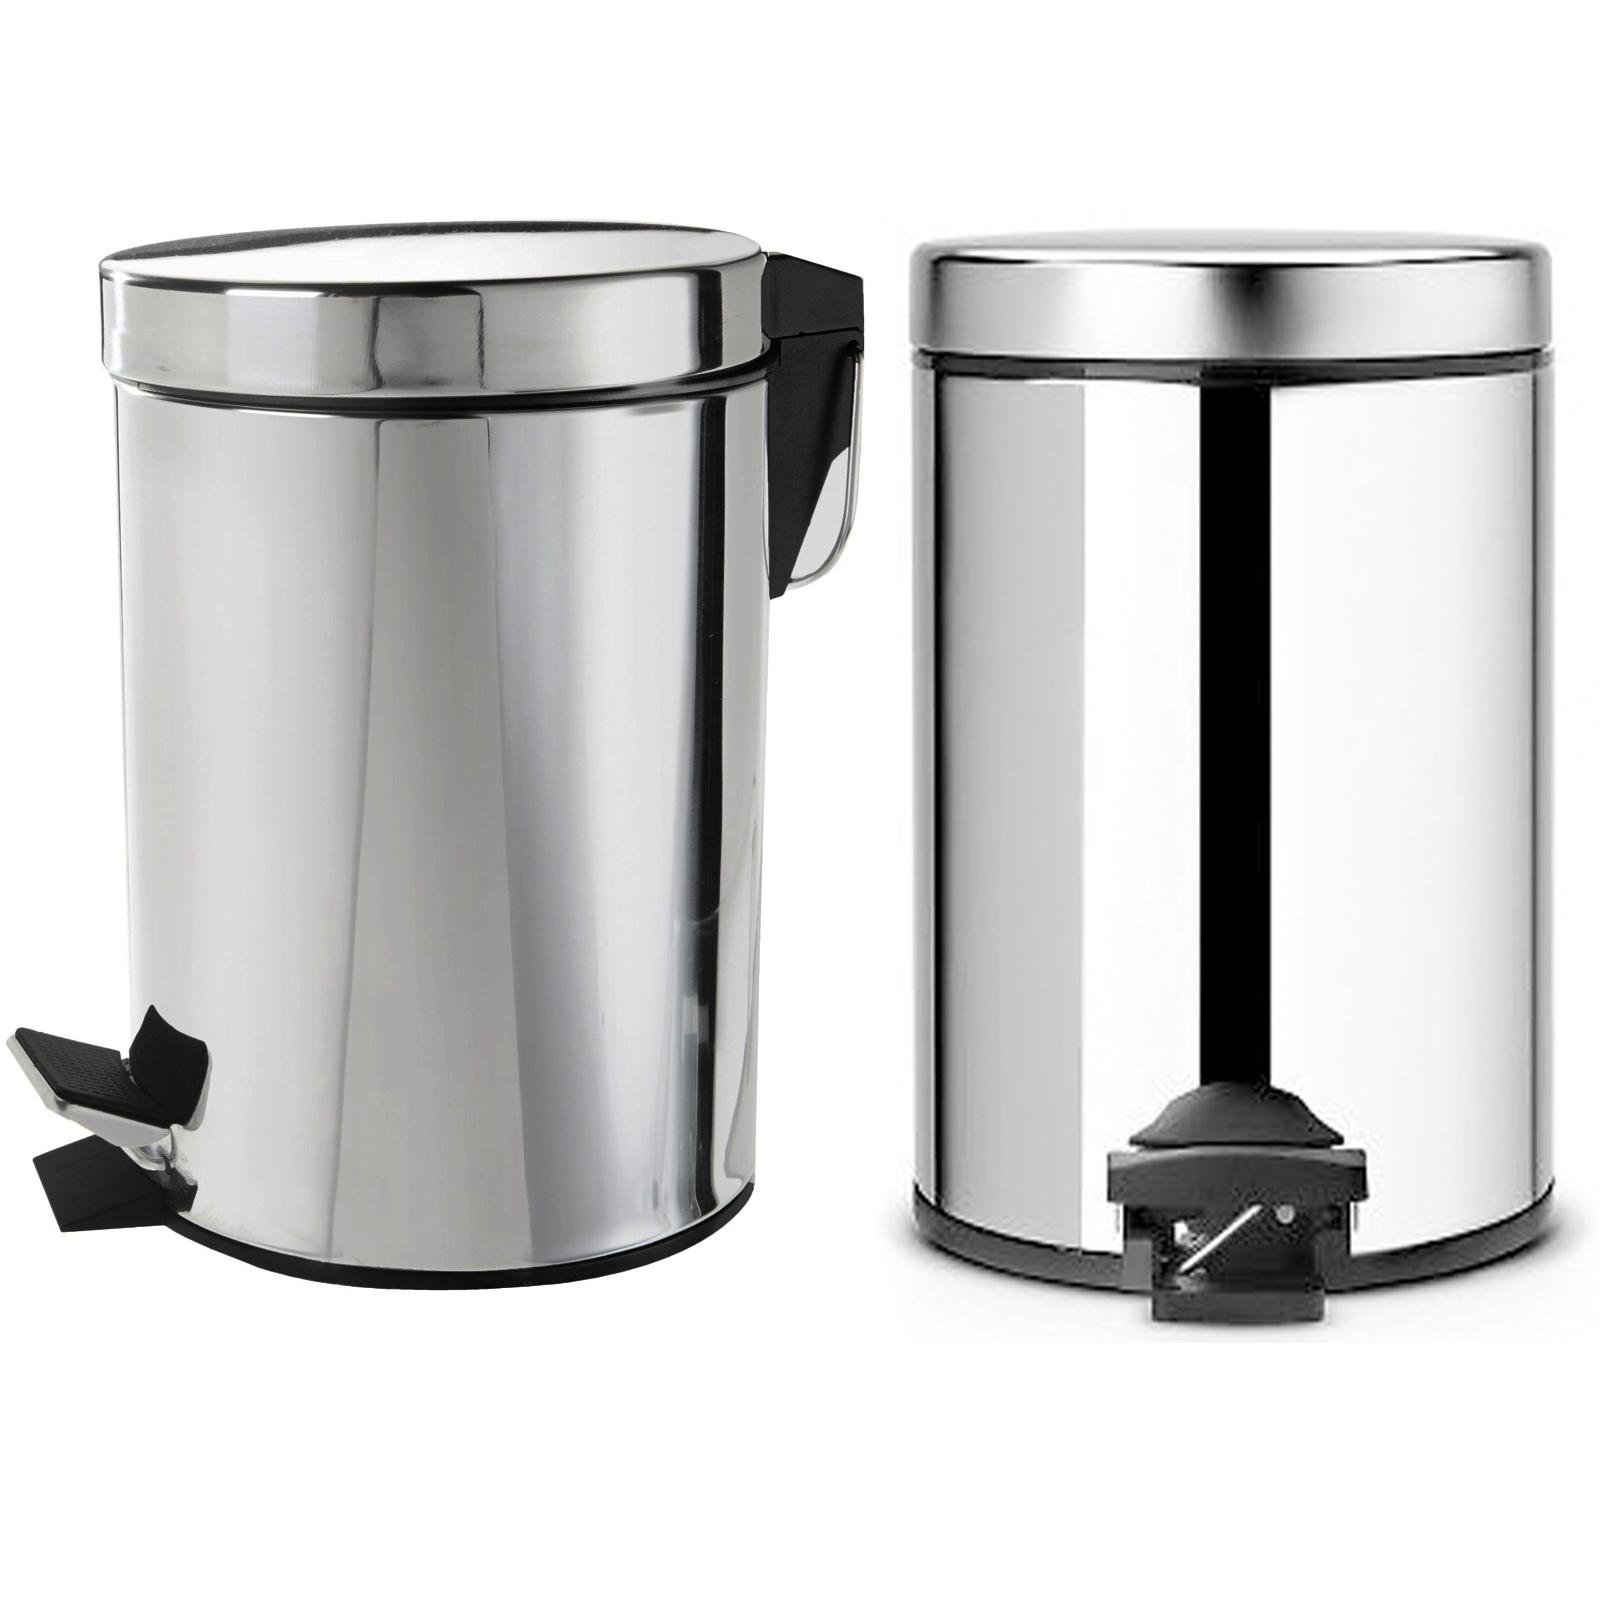 Mülleimer Für Die Küche: Doppel